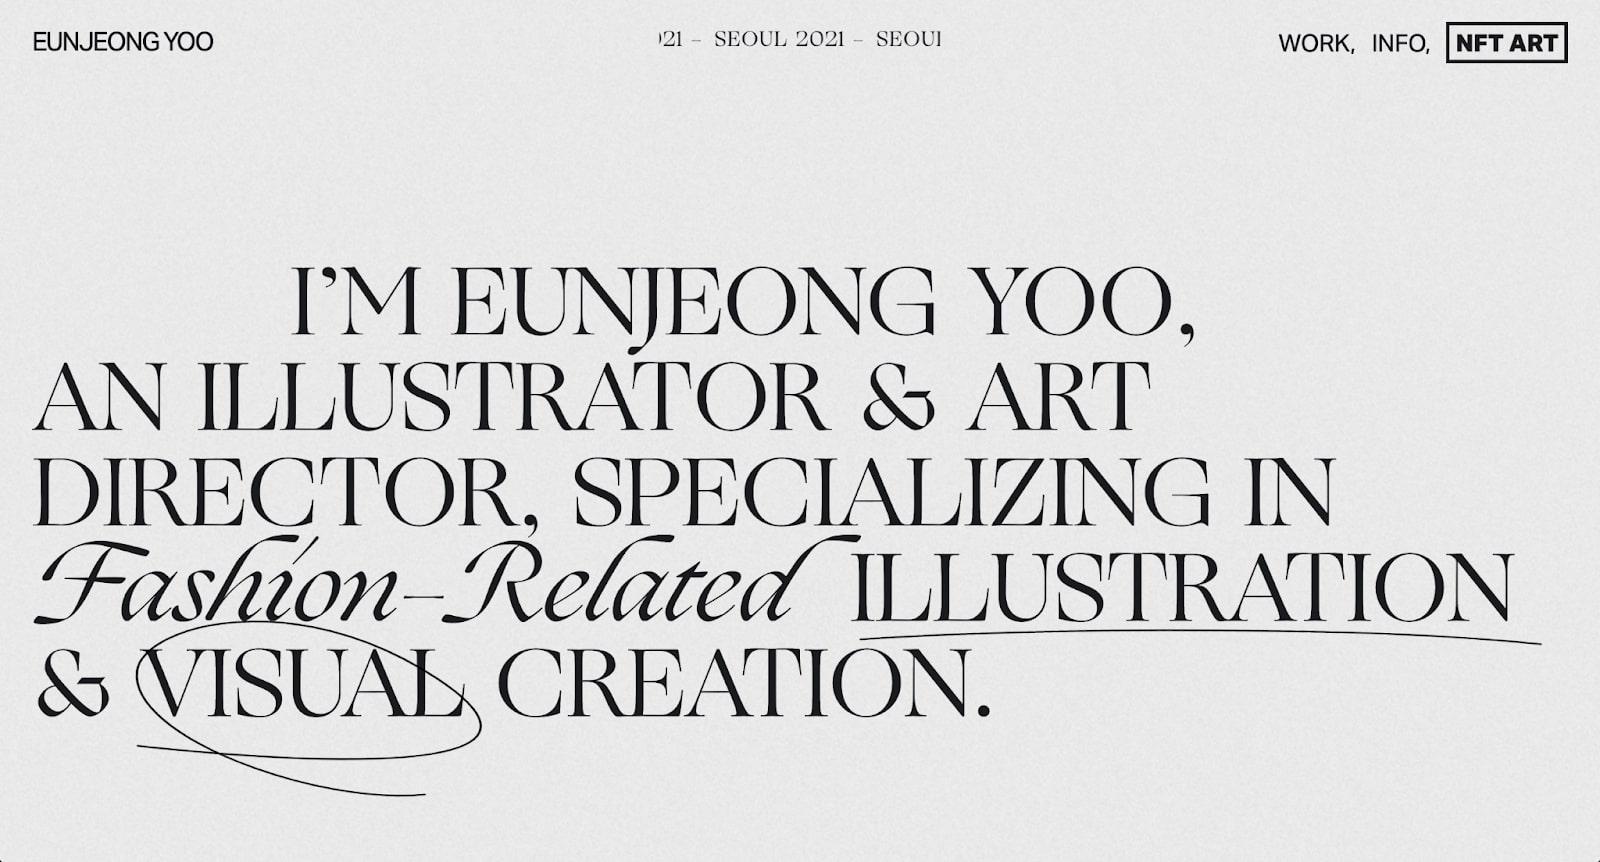 An image of Eun Jeong Yoo's home page.